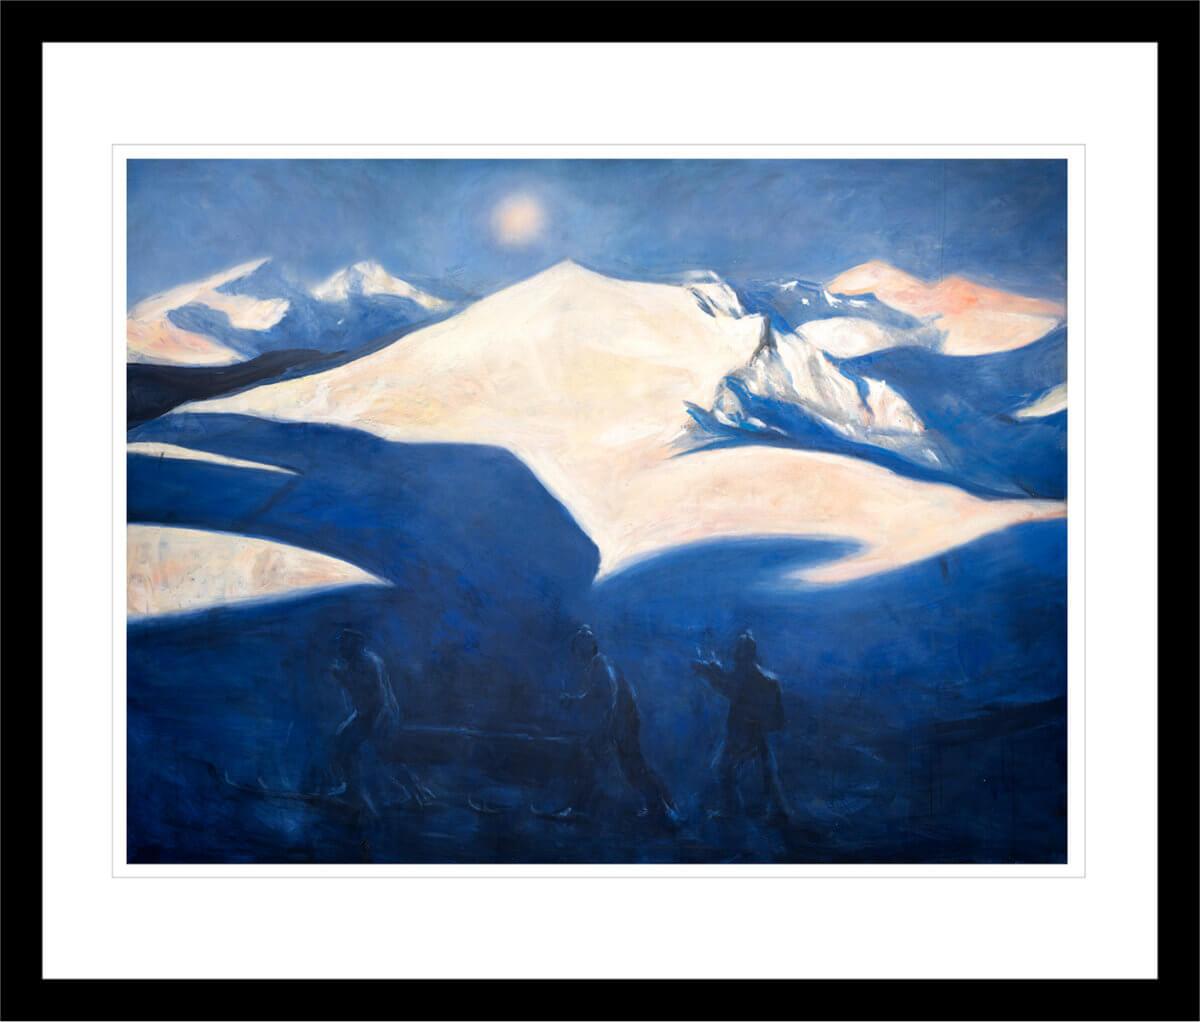 Milorgkarer henter flyslipp i fjellet, malt med sterke blå og hvite farger. Håndkolorert grafikk av Vebjørn Sand.